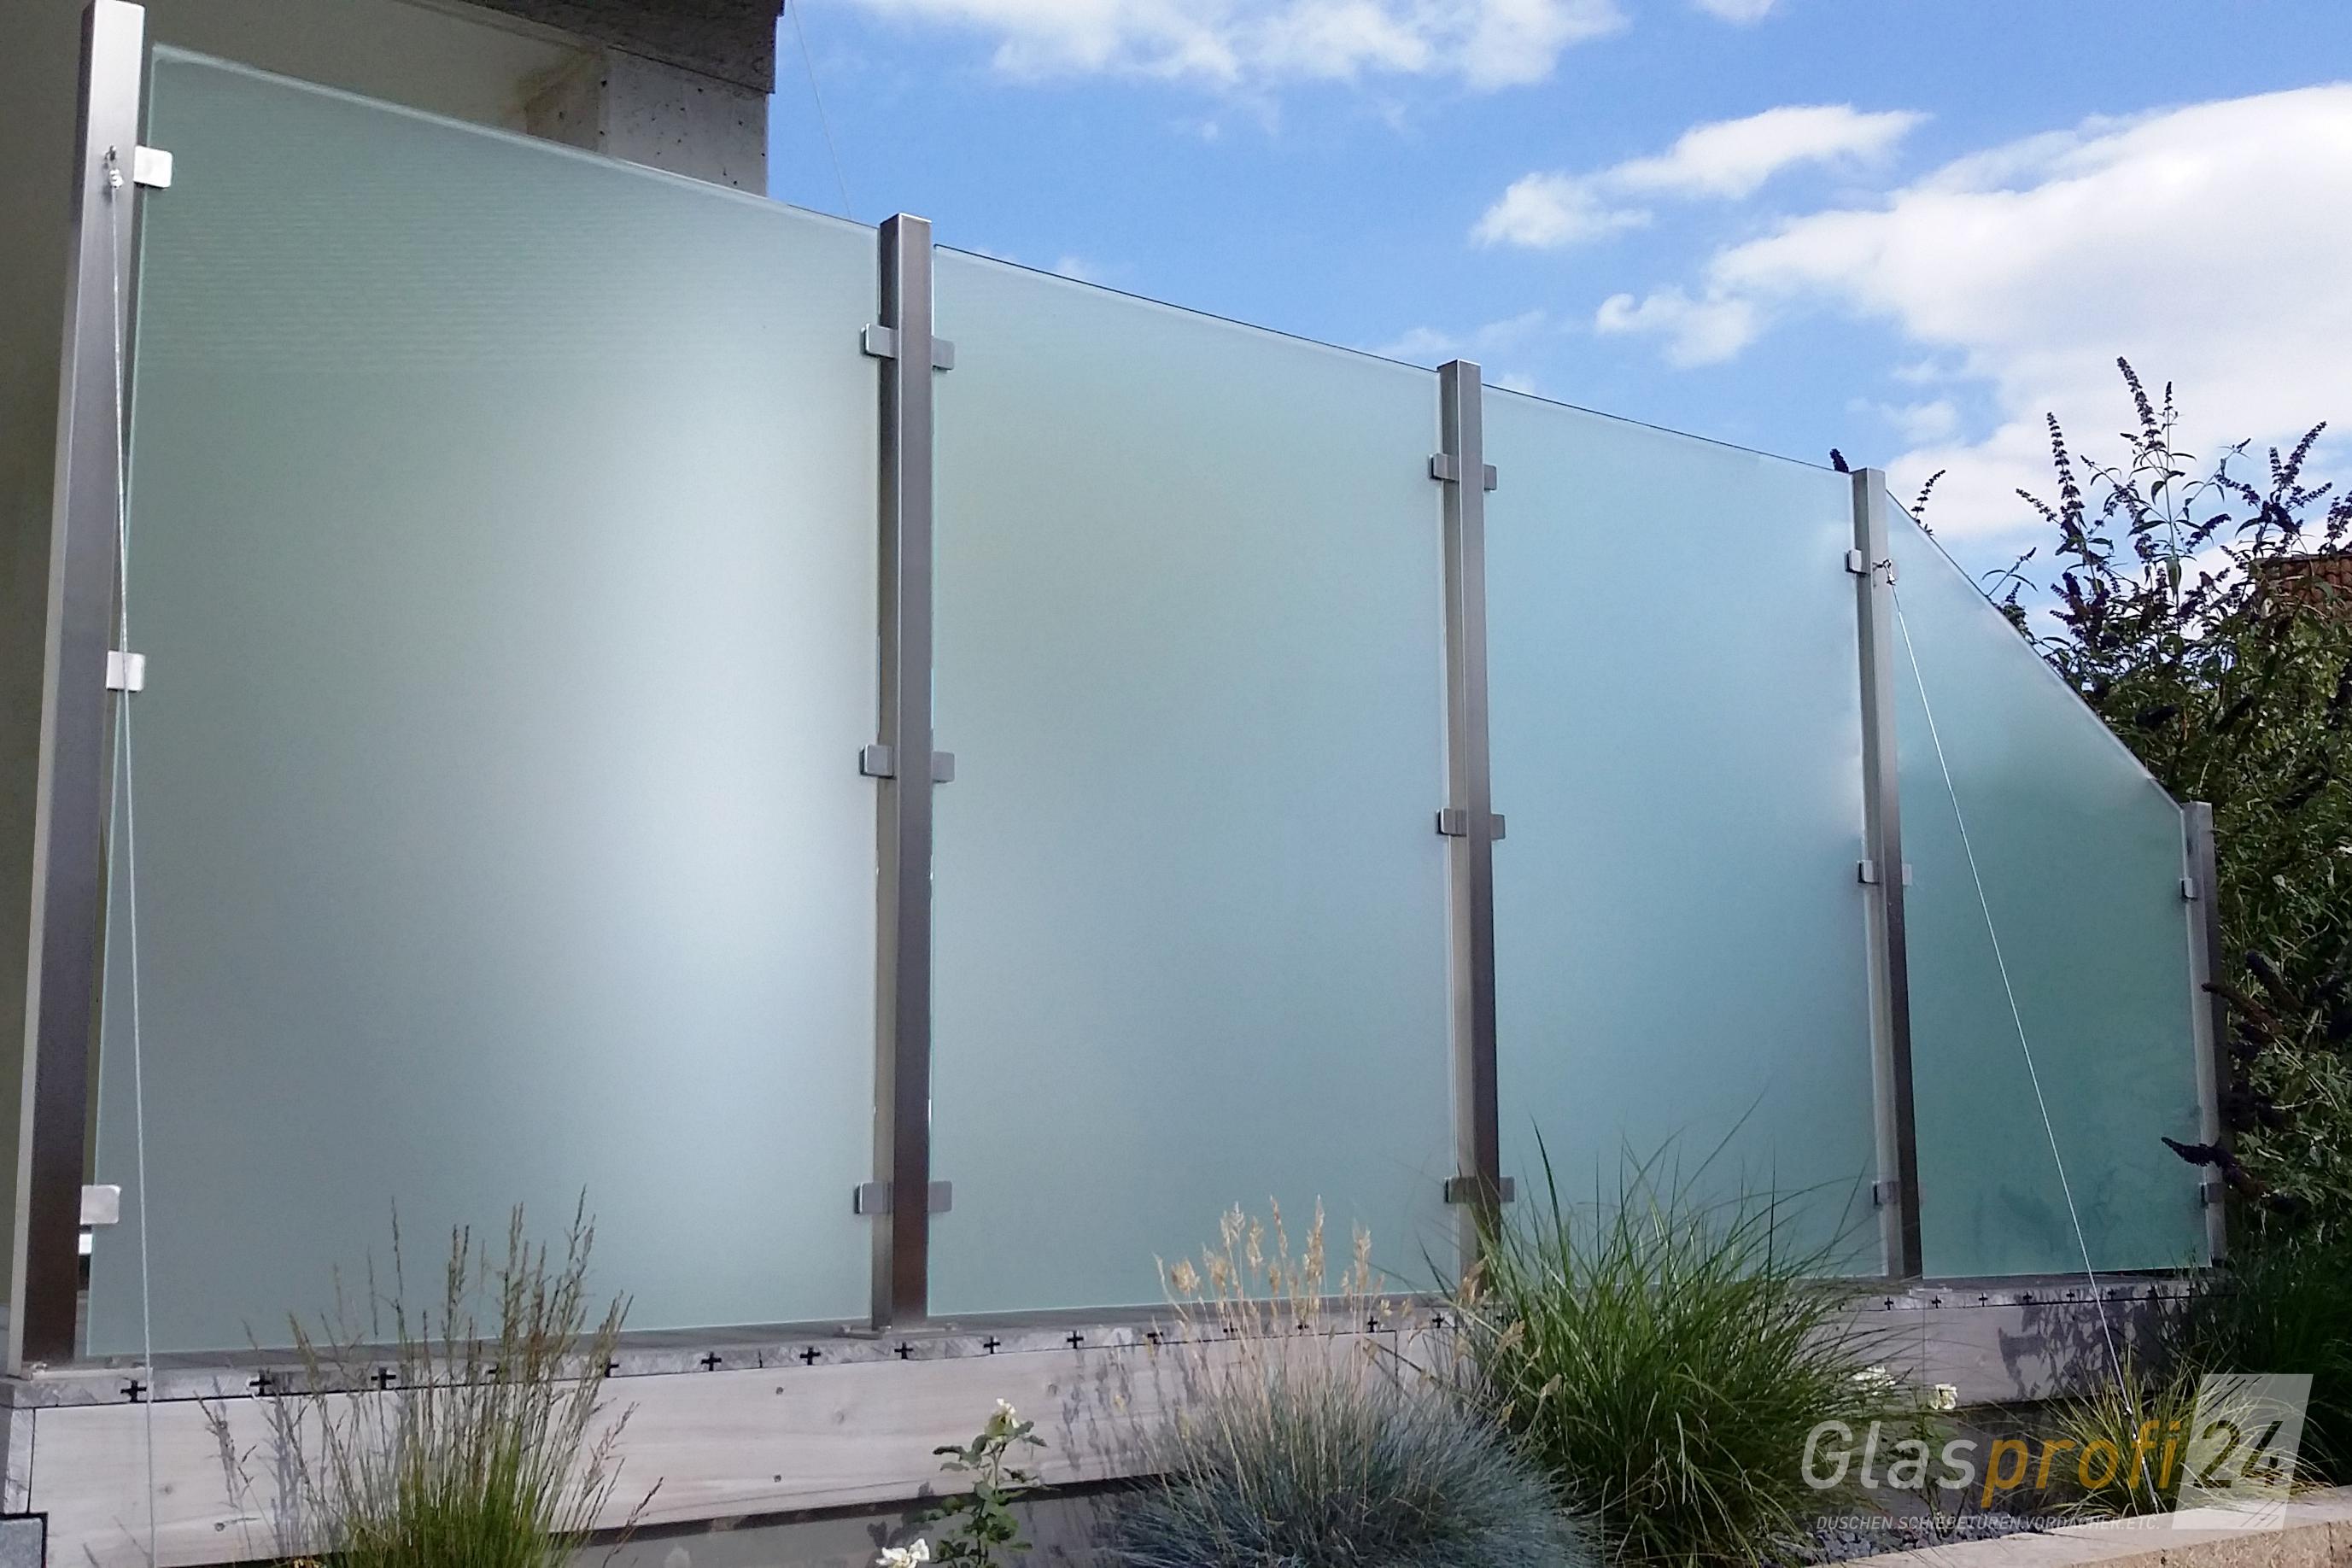 Sehr Sichtschutz aus Glas für den Garten | GLASPROFI24 YG77